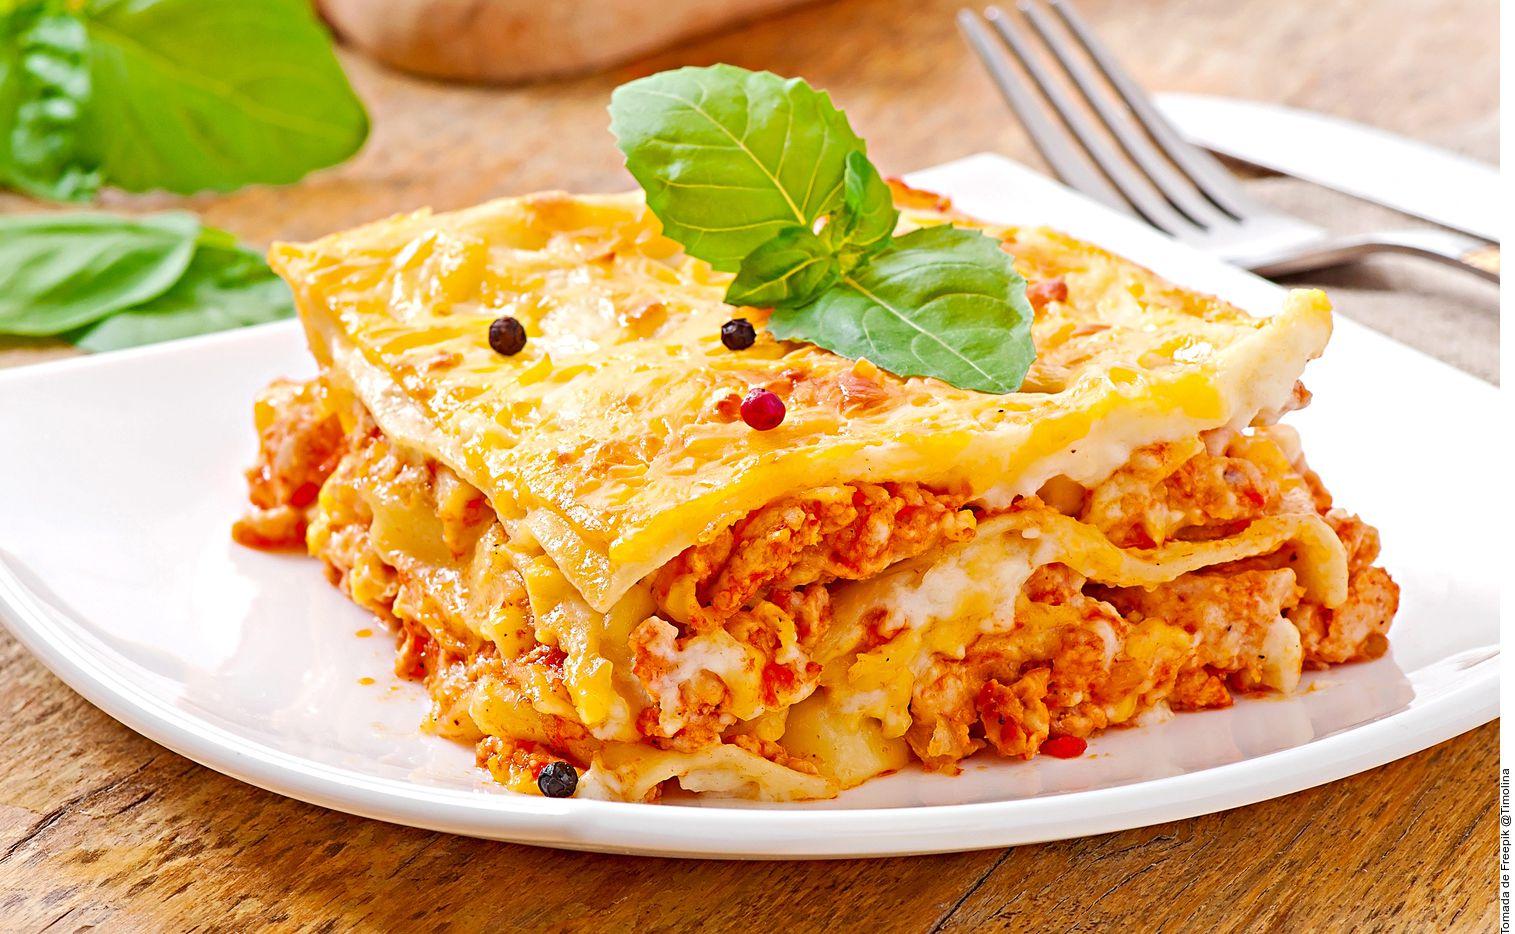 La lasaña boloñesa la puede lograr al sofreír la cebolla, la zanahoria y el apio. Agregar la carne sazonada. Cocinar por 3 minutos. Añadir la salsa, cocinar por 5 minutos y rectificar sazón.